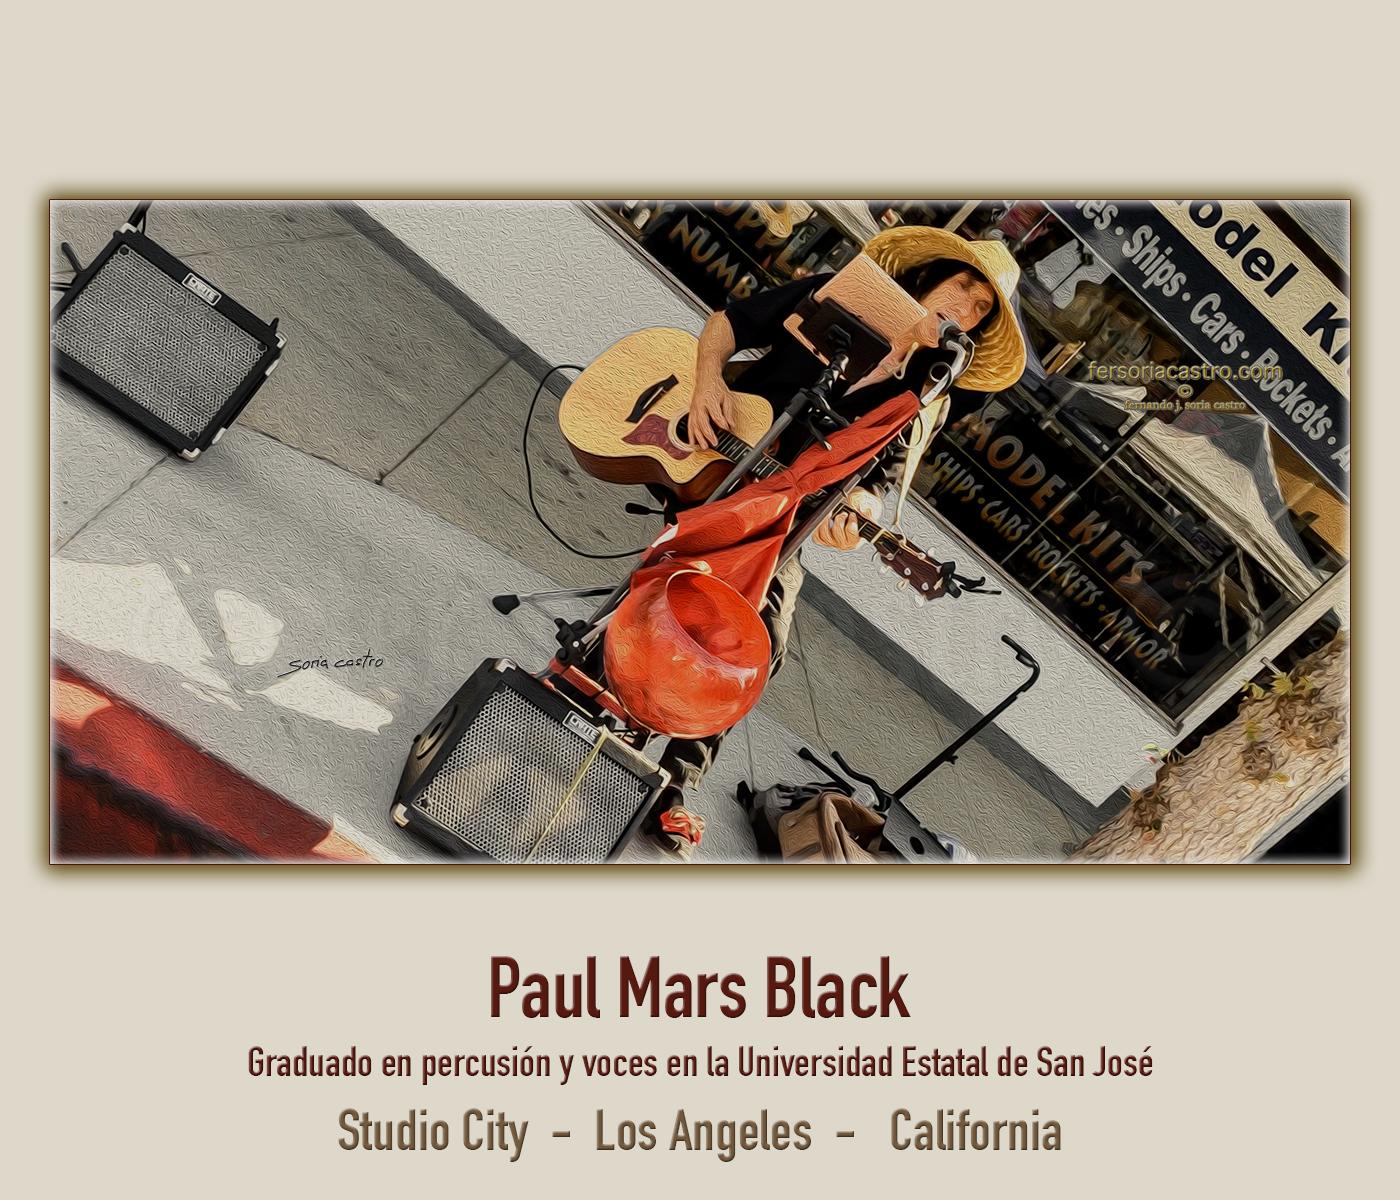 Paul Mars Black 005